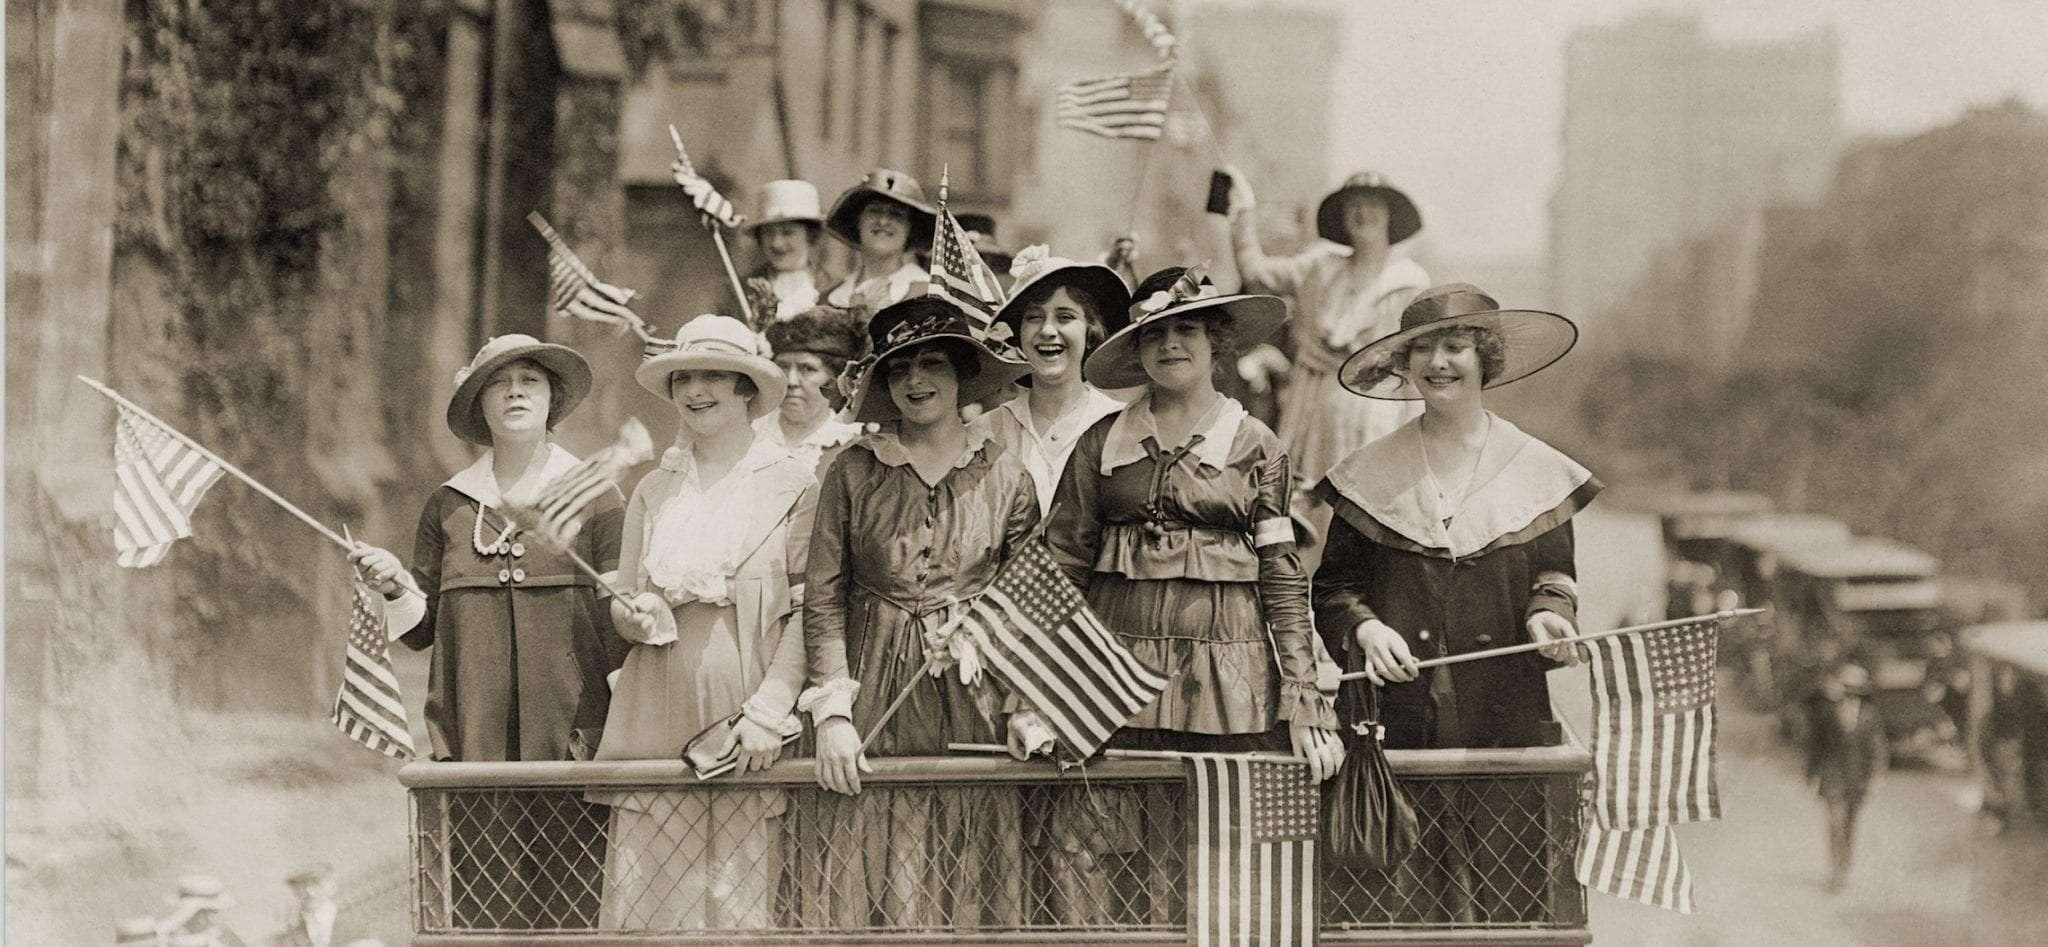 عکسی از زنان مبارز آمریکایی